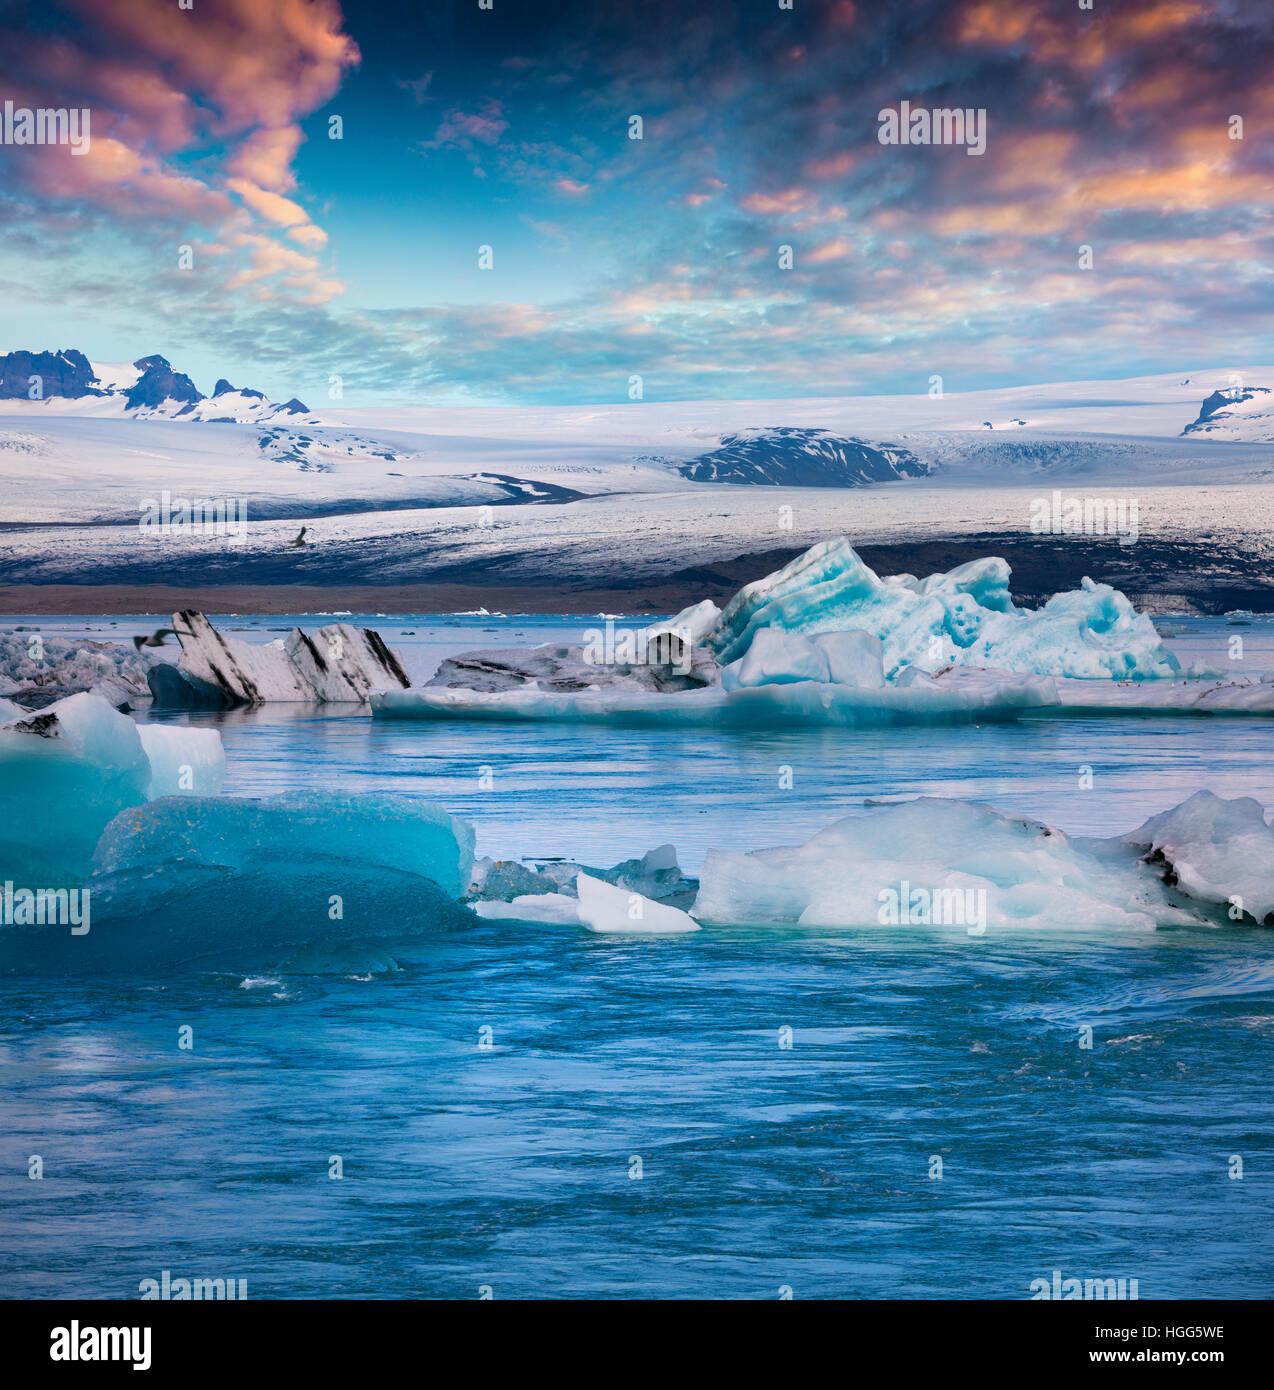 Schwebende Blaue Eisberge in der Gletscherlagune Jökulsárlón. Farbenprächtigen Sonnenuntergang Stockbild